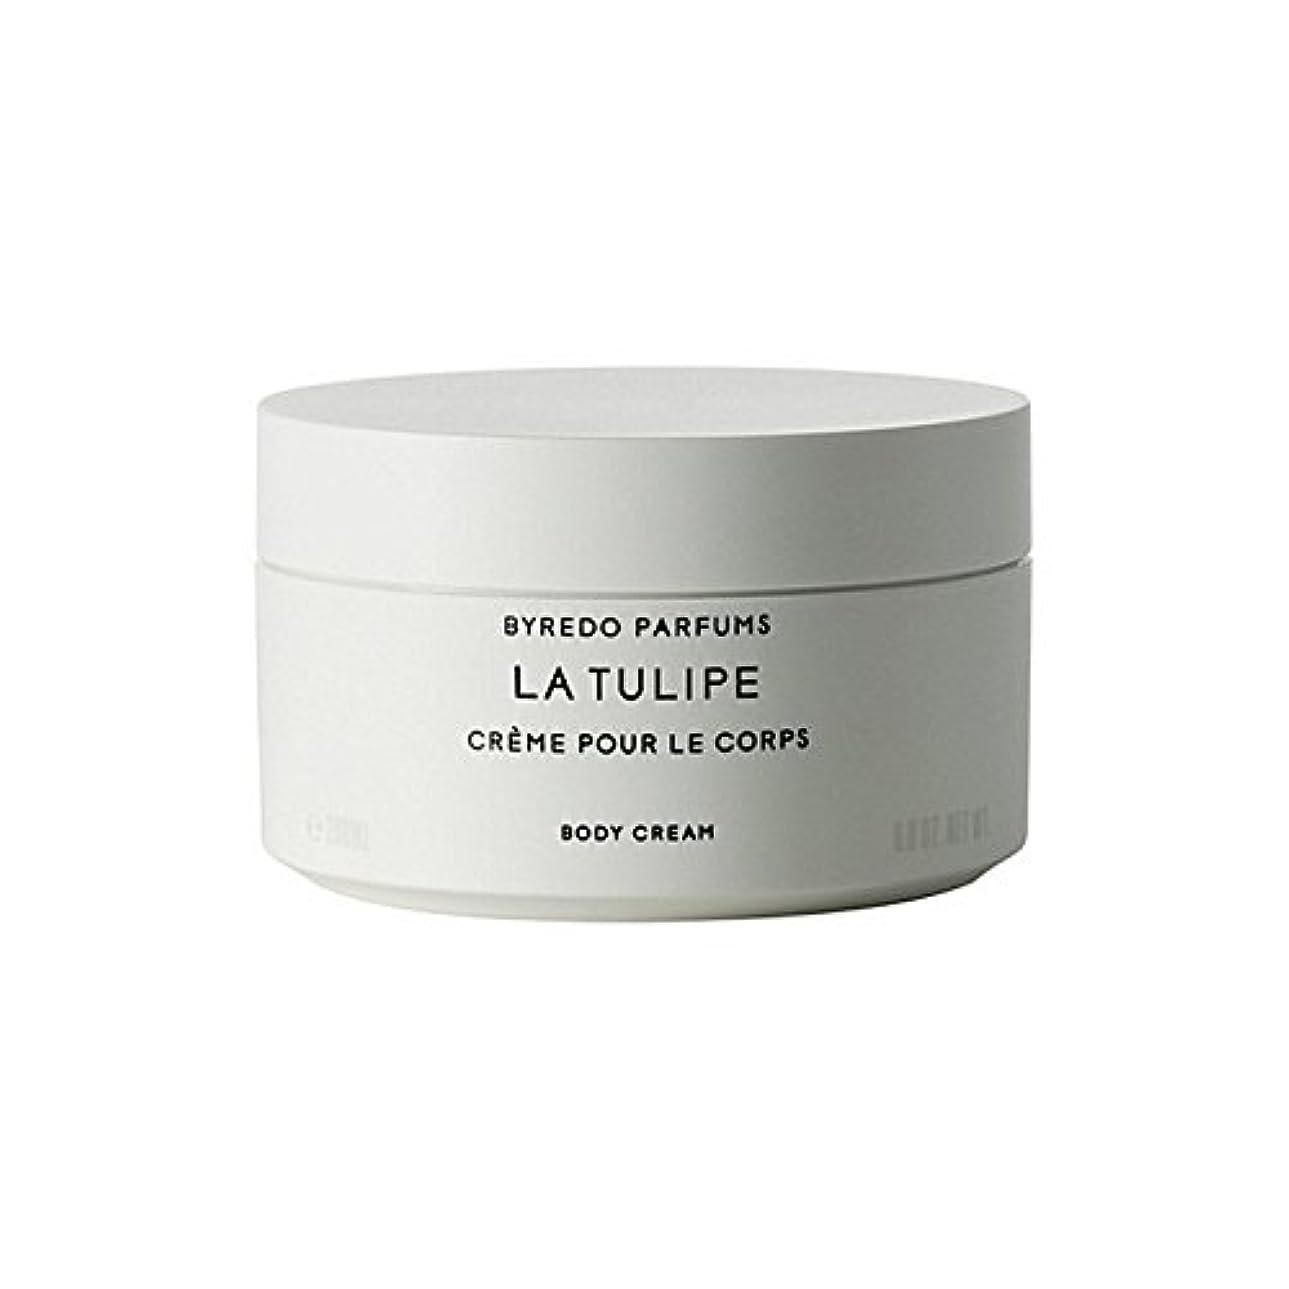 代表する希少性革新ラチューリップボディクリーム200ミリリットル x2 - Byredo La Tulipe Body Cream 200ml (Pack of 2) [並行輸入品]